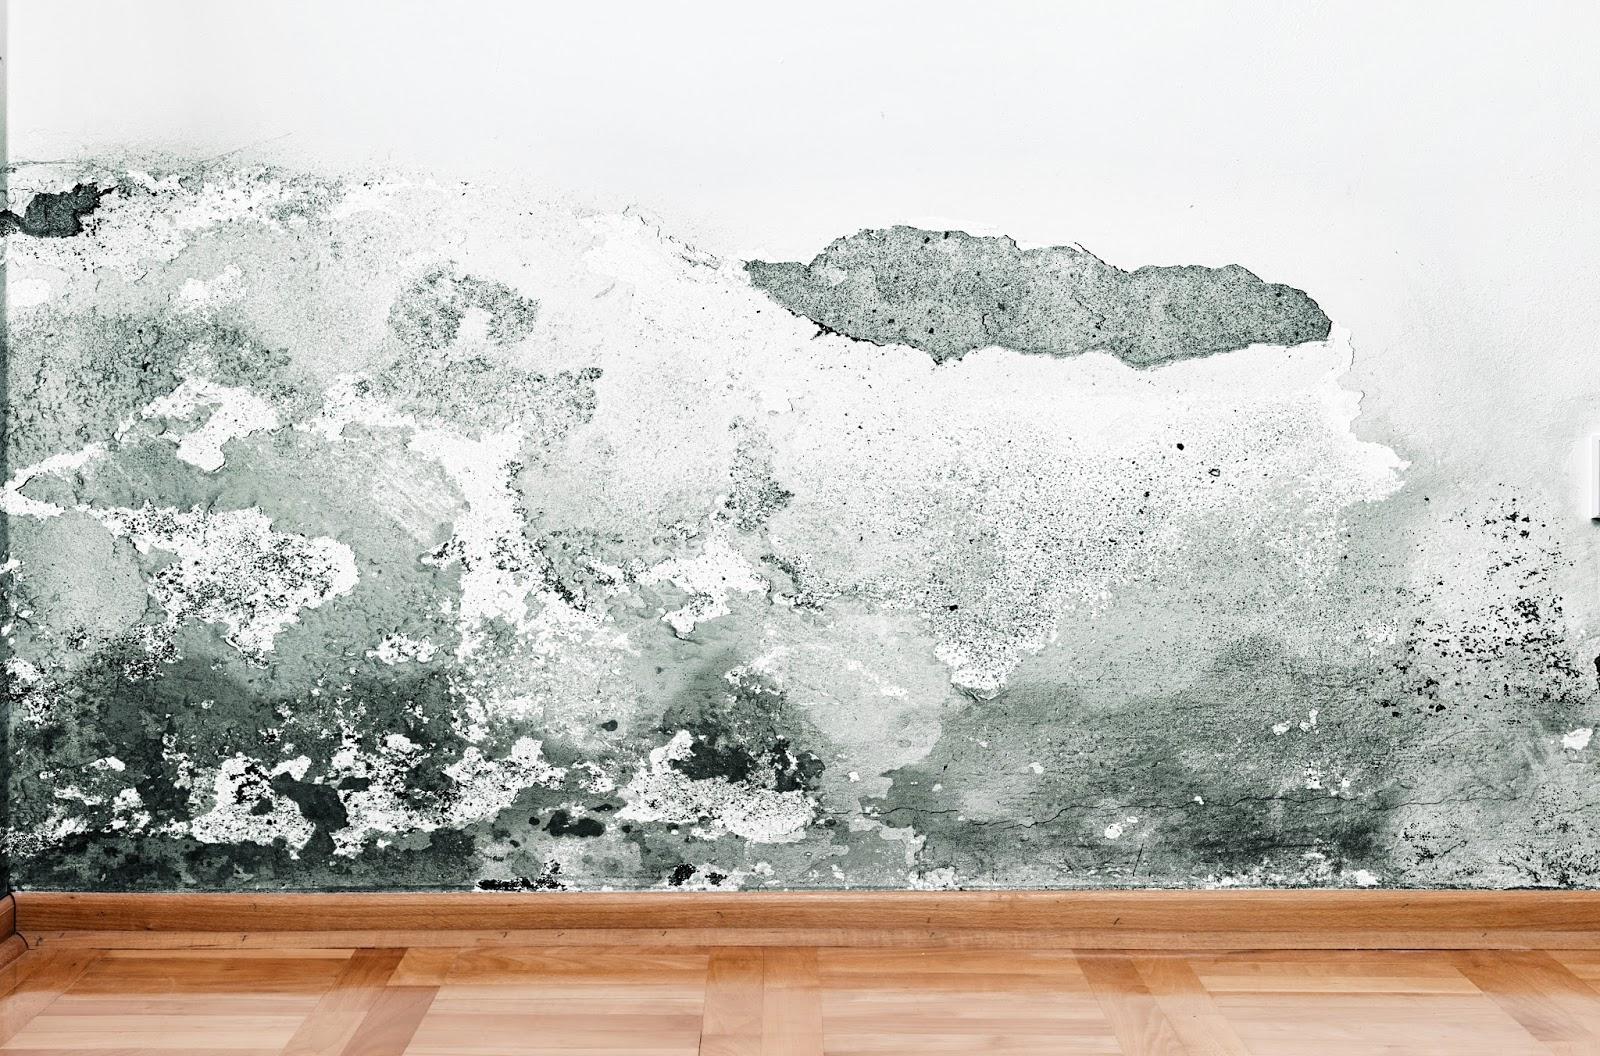 Quitar la humedad de las paredes - Quitar humedad pared ...